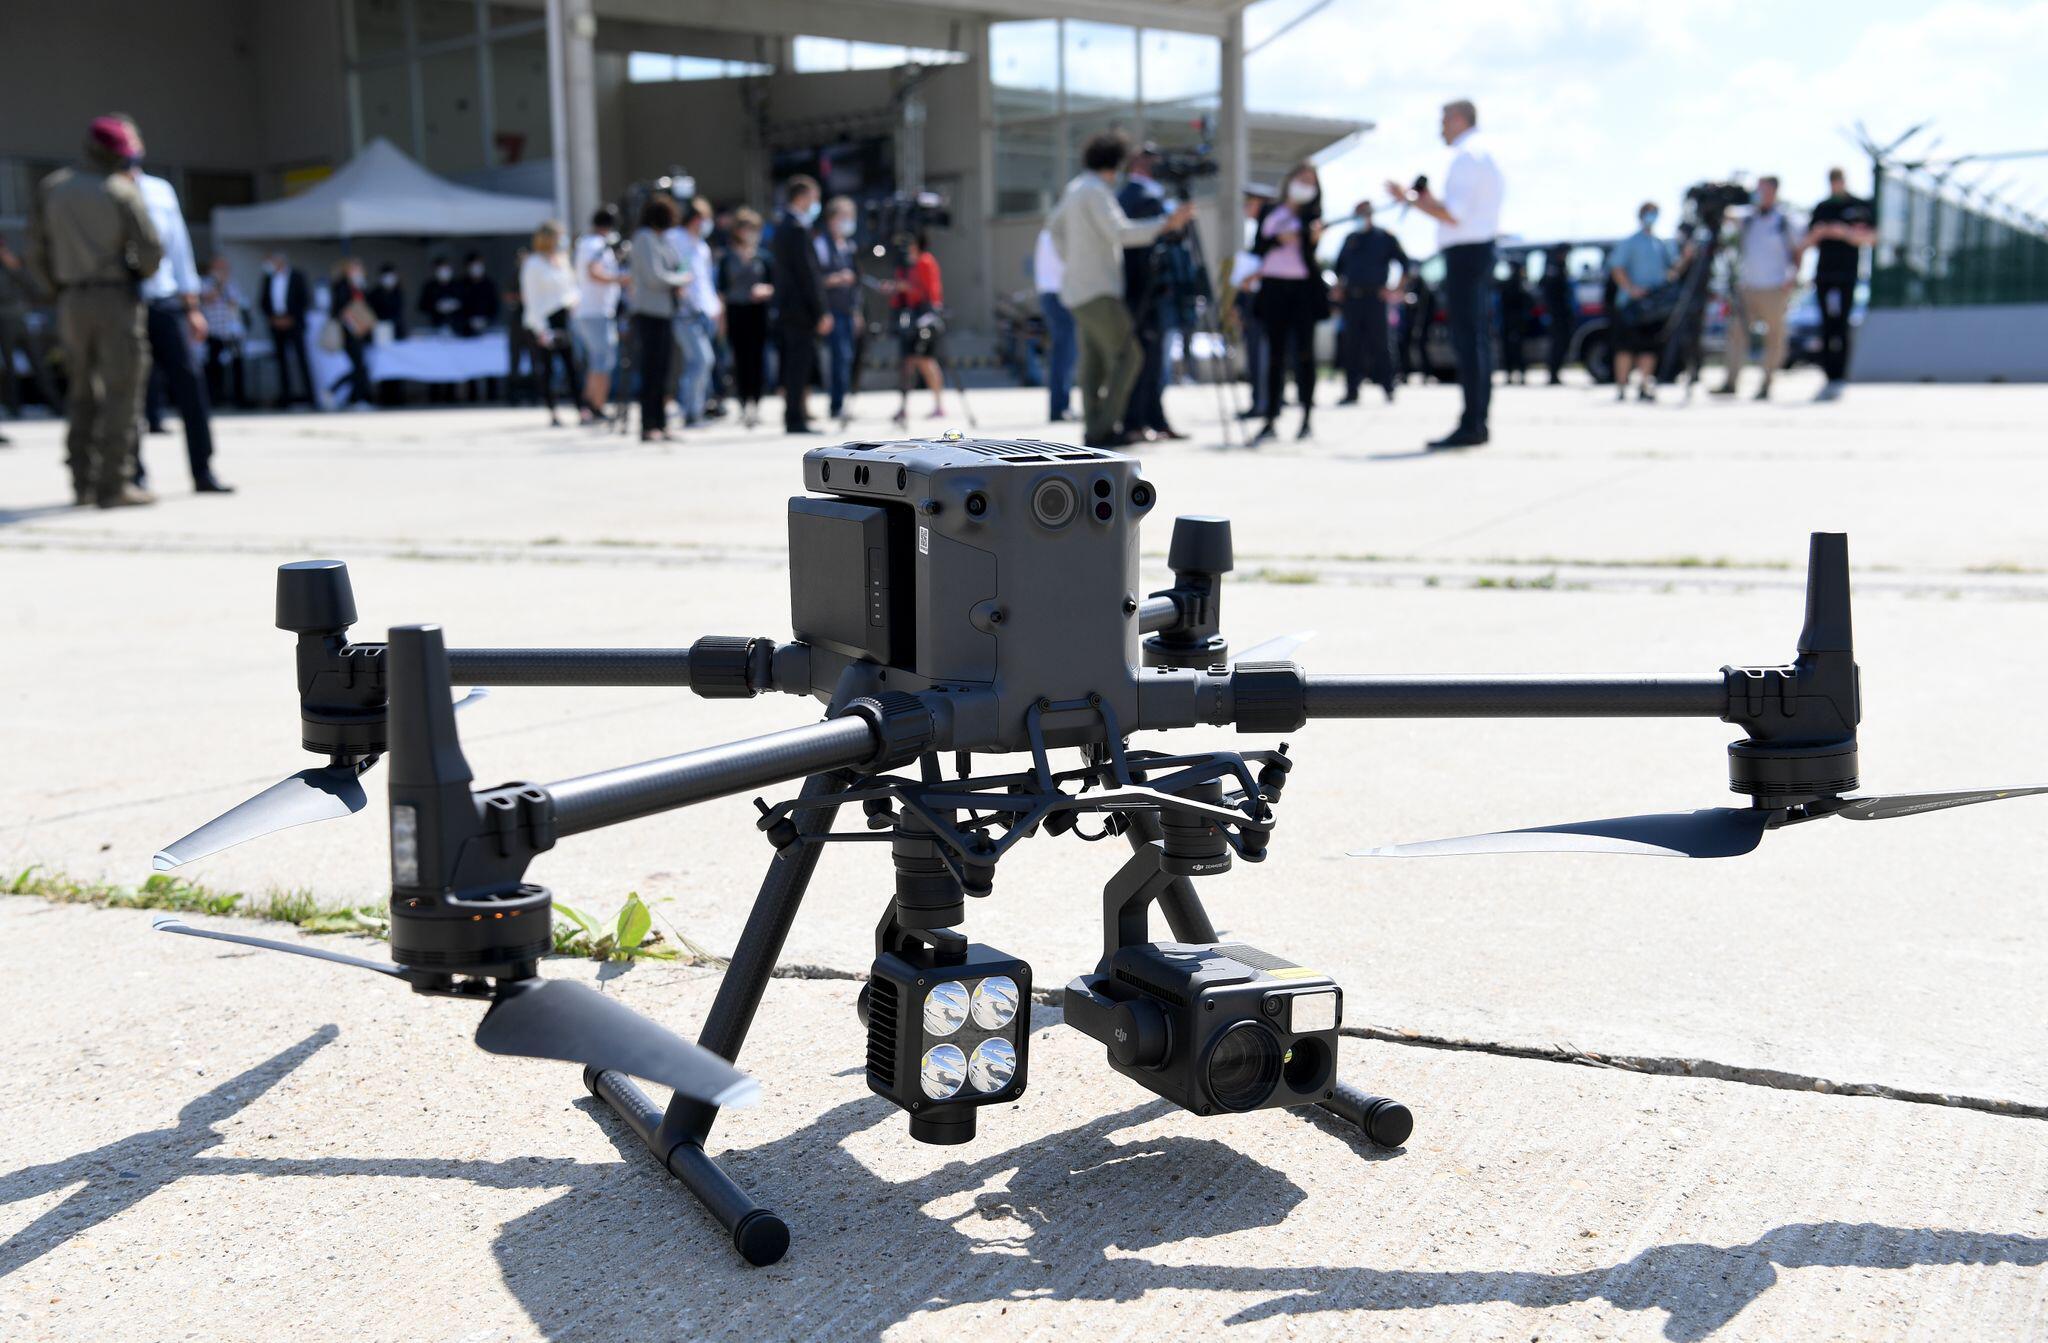 Bild zu Österreich testet Grenzüberwachung mit Drohnen